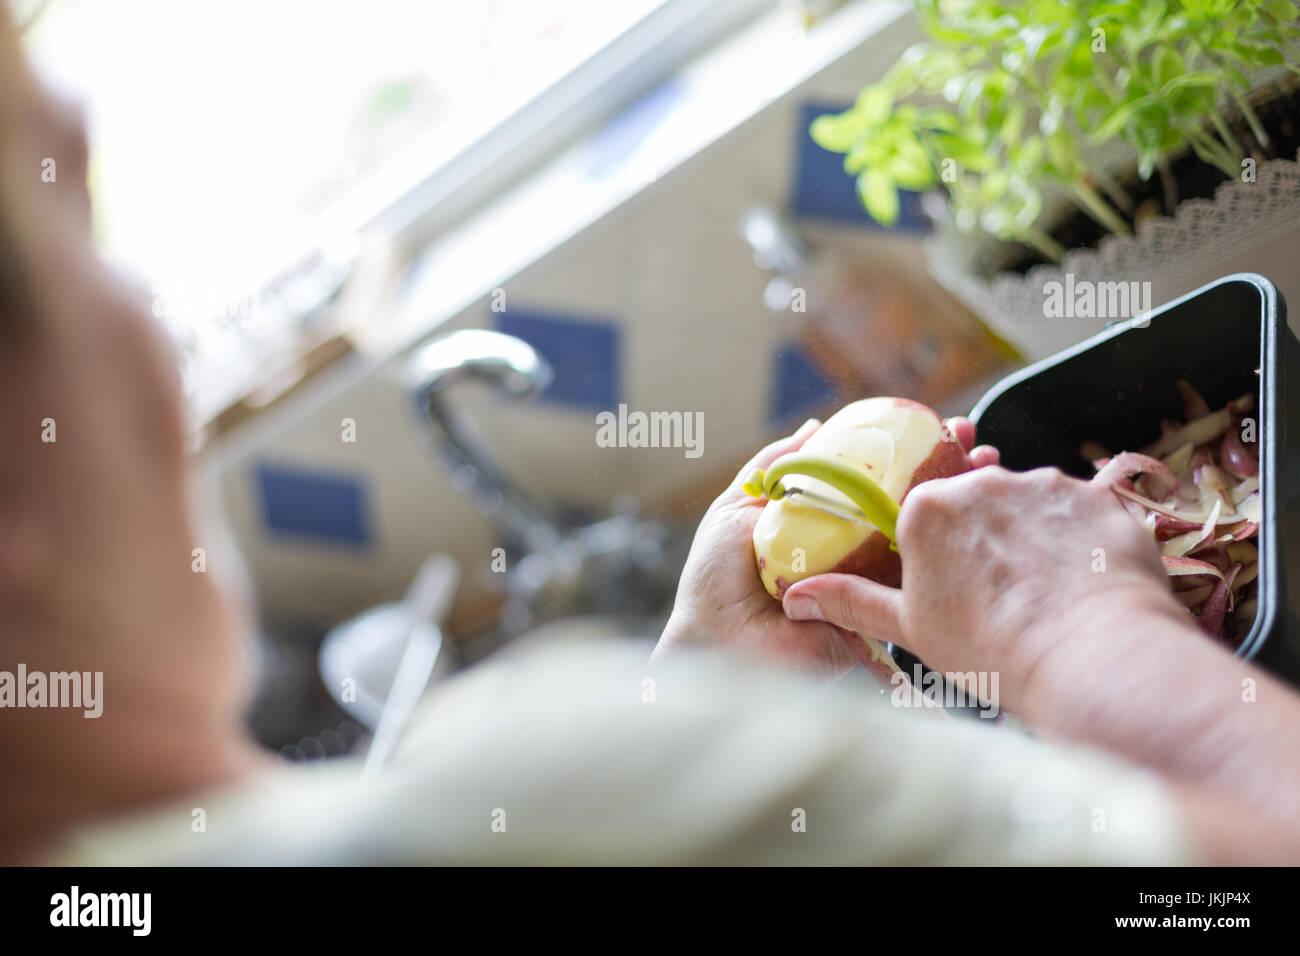 Senior donna sbucciare le patate rosse, preparare il cibo. Orientamento orizzontale con il fuoco selettivo su potatoe Immagini Stock